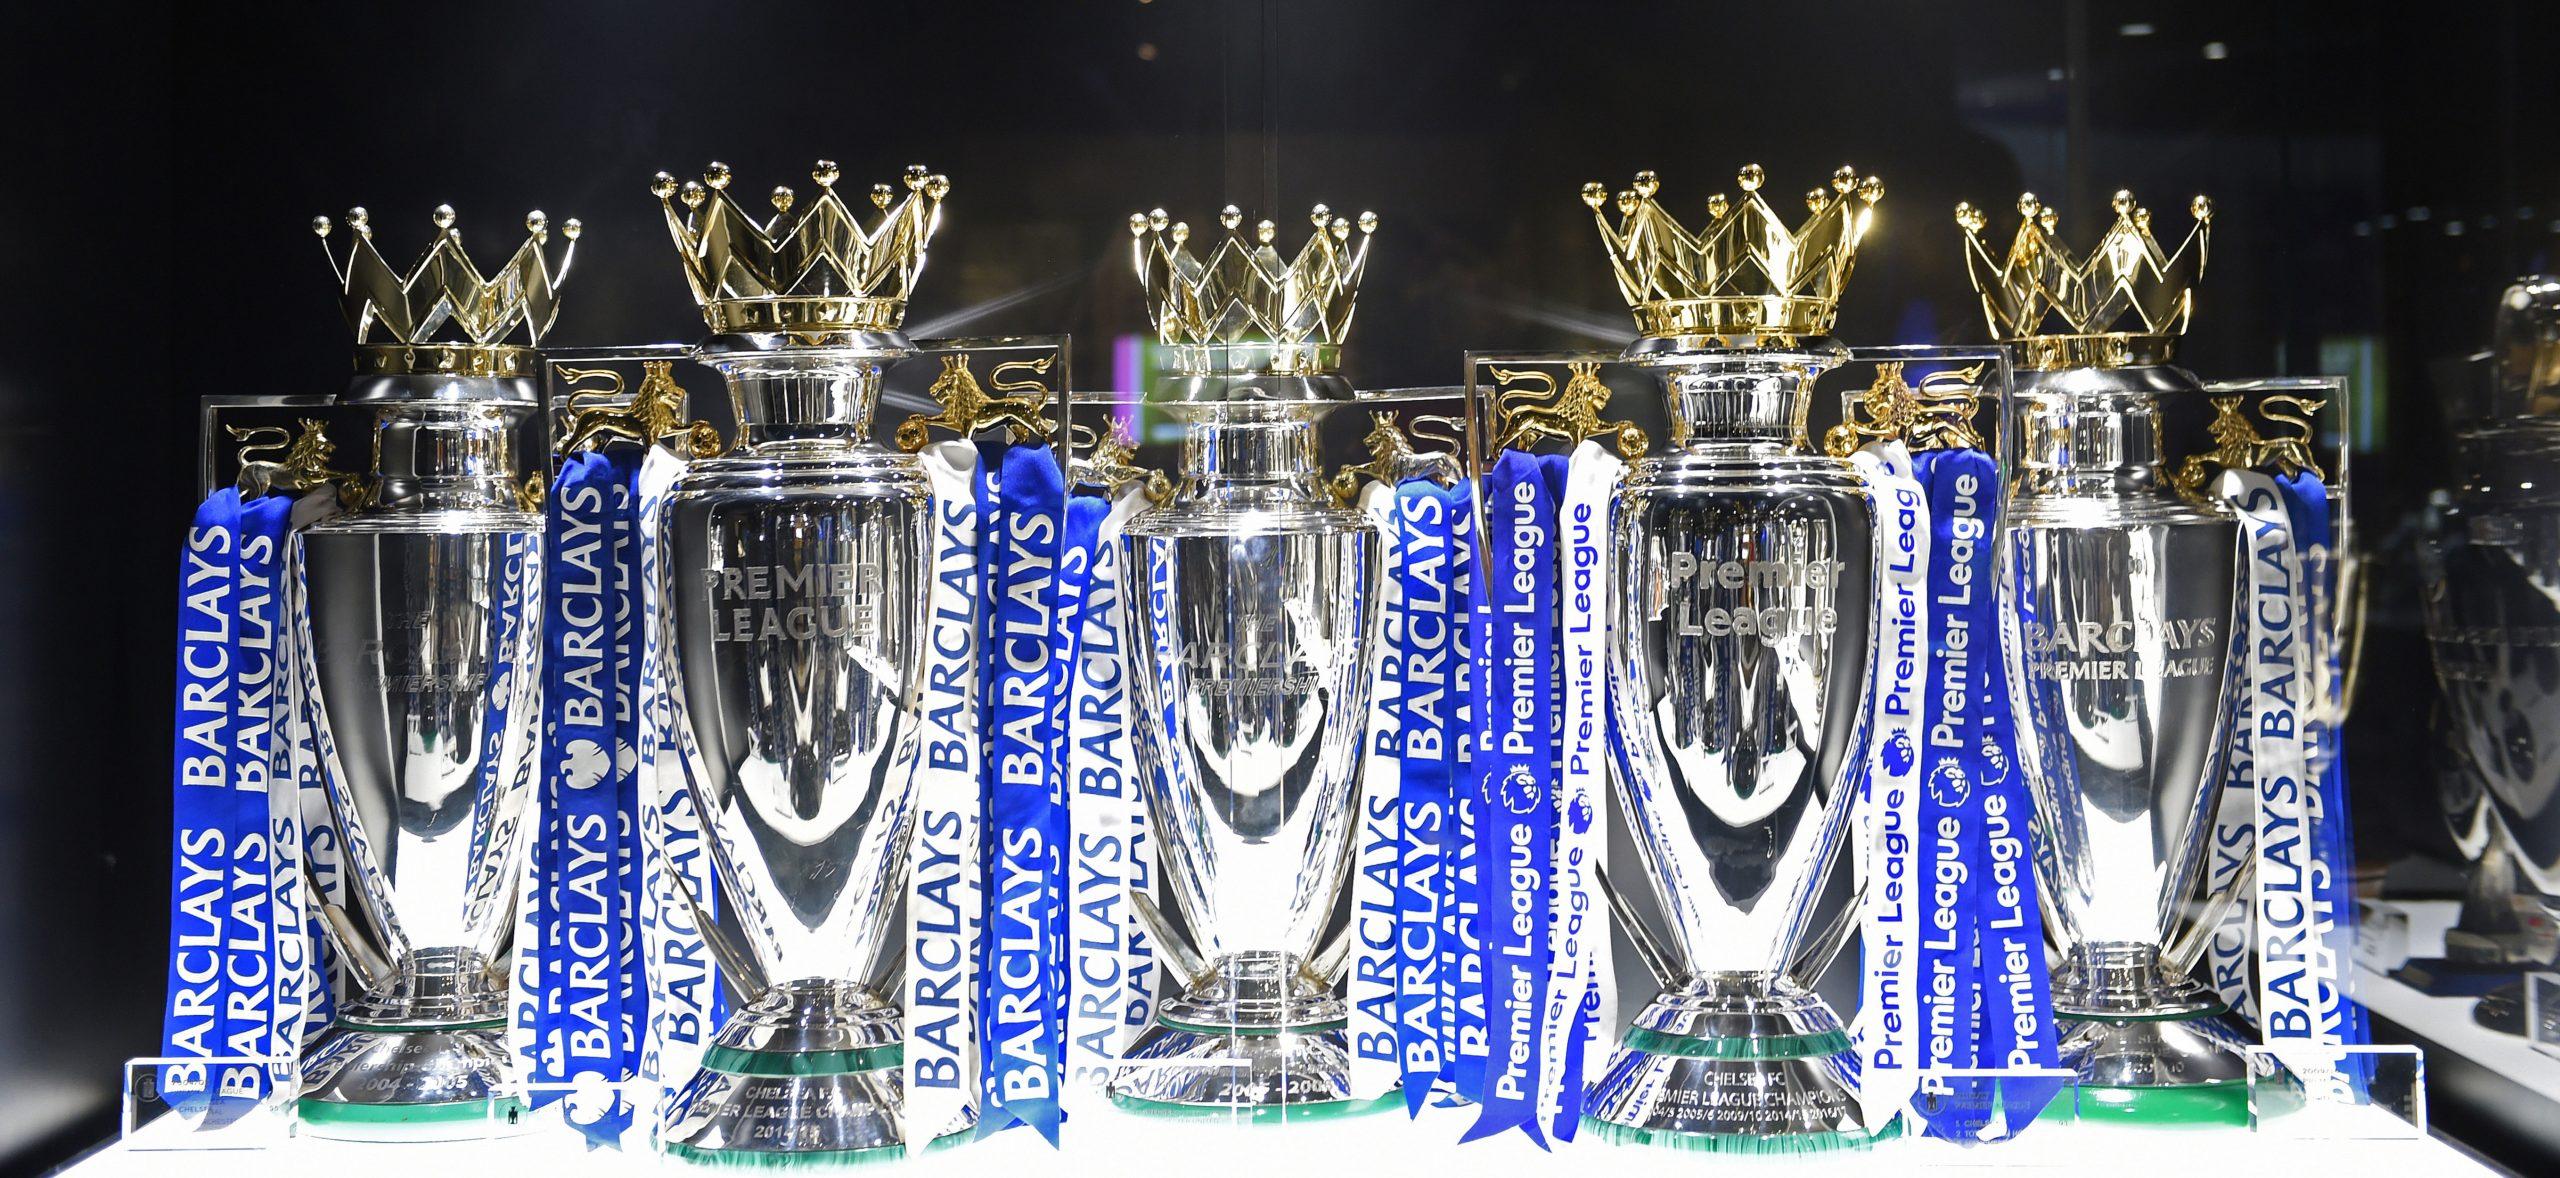 Chelsea FC Trophies